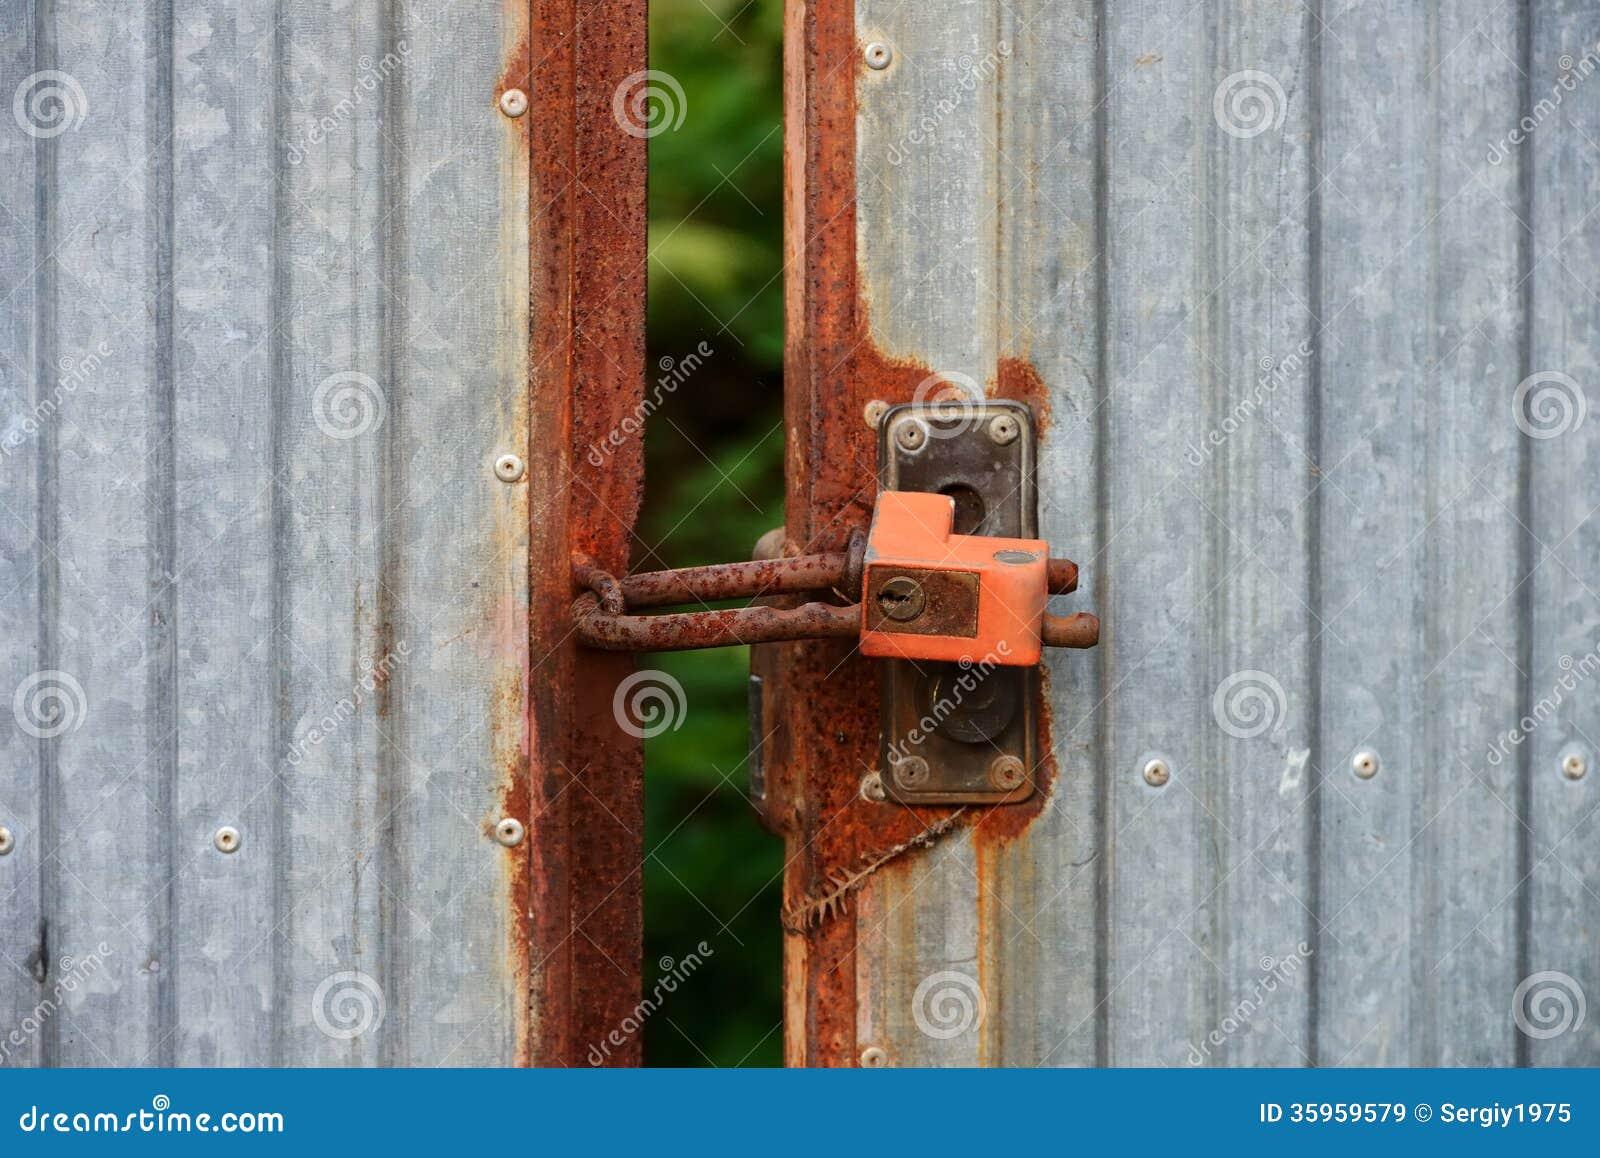 Fondo, textura, puerta vieja